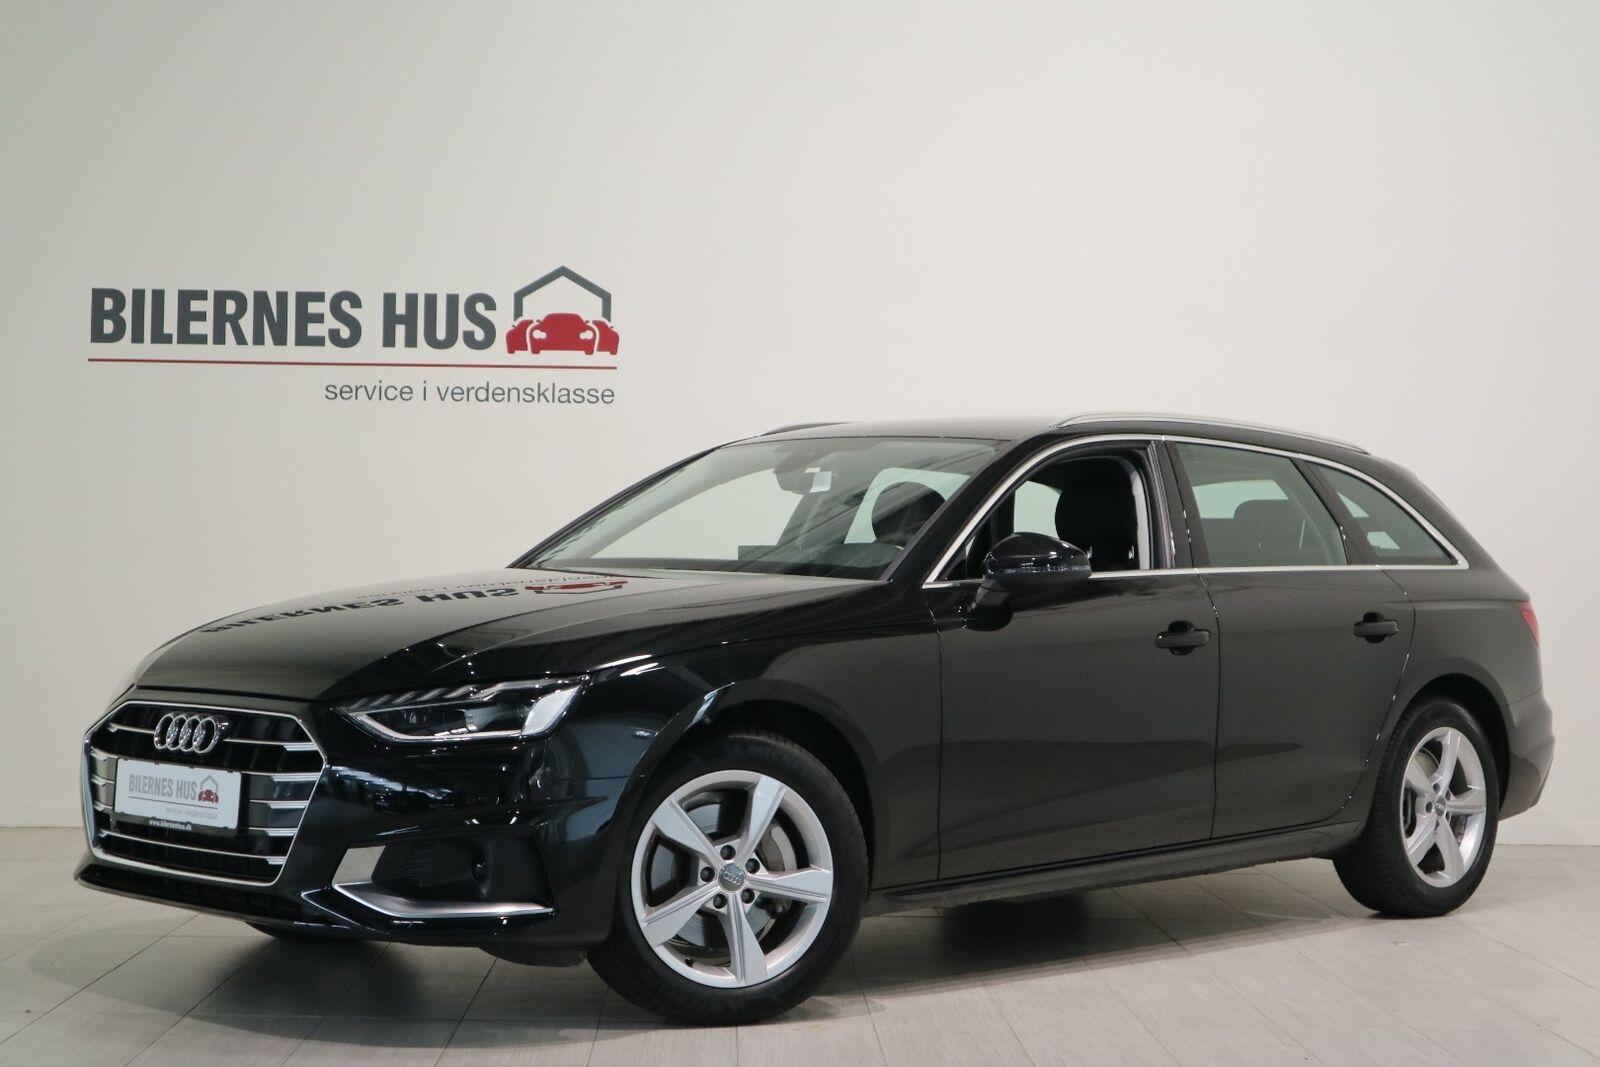 Audi A4 Billede 6